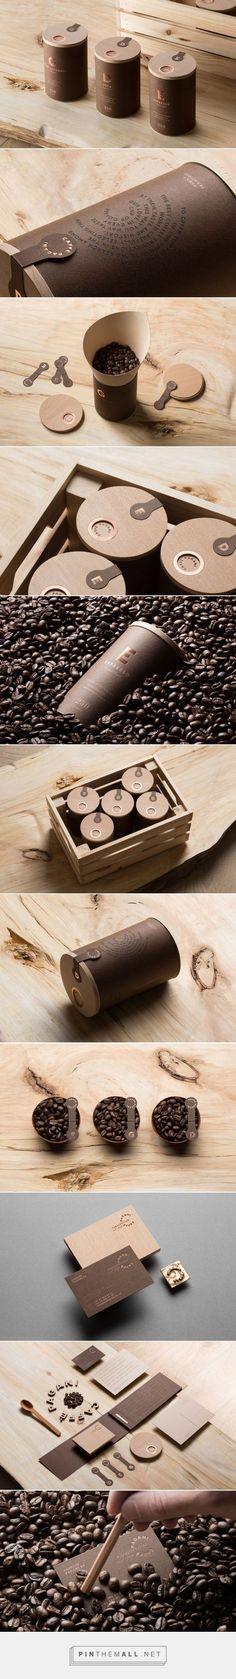 Caffè Pagani by Pavel Emelyanov, Irina Emelyanova, Eskimo Design, Anatoly Vasiliev: